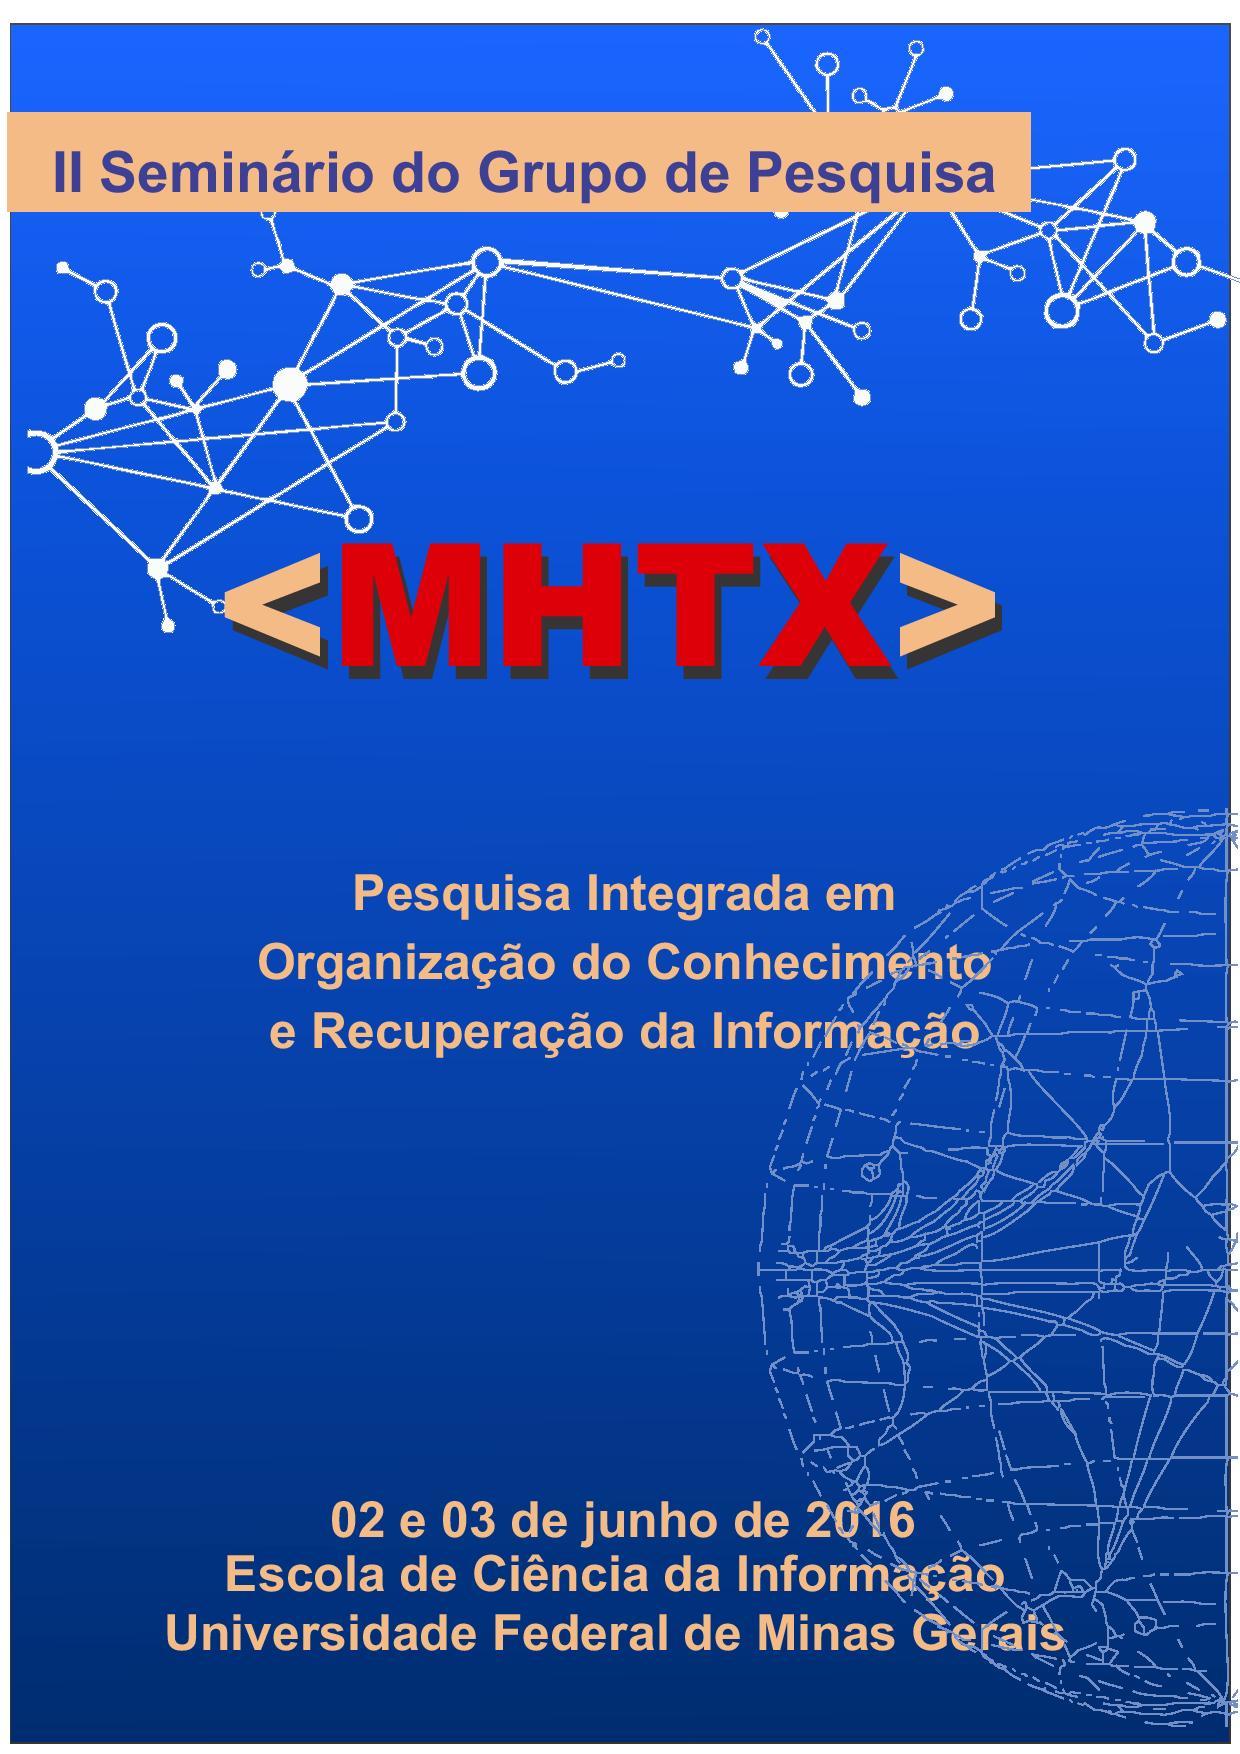 II Seminário do Grupo de Pesquisa MHTX